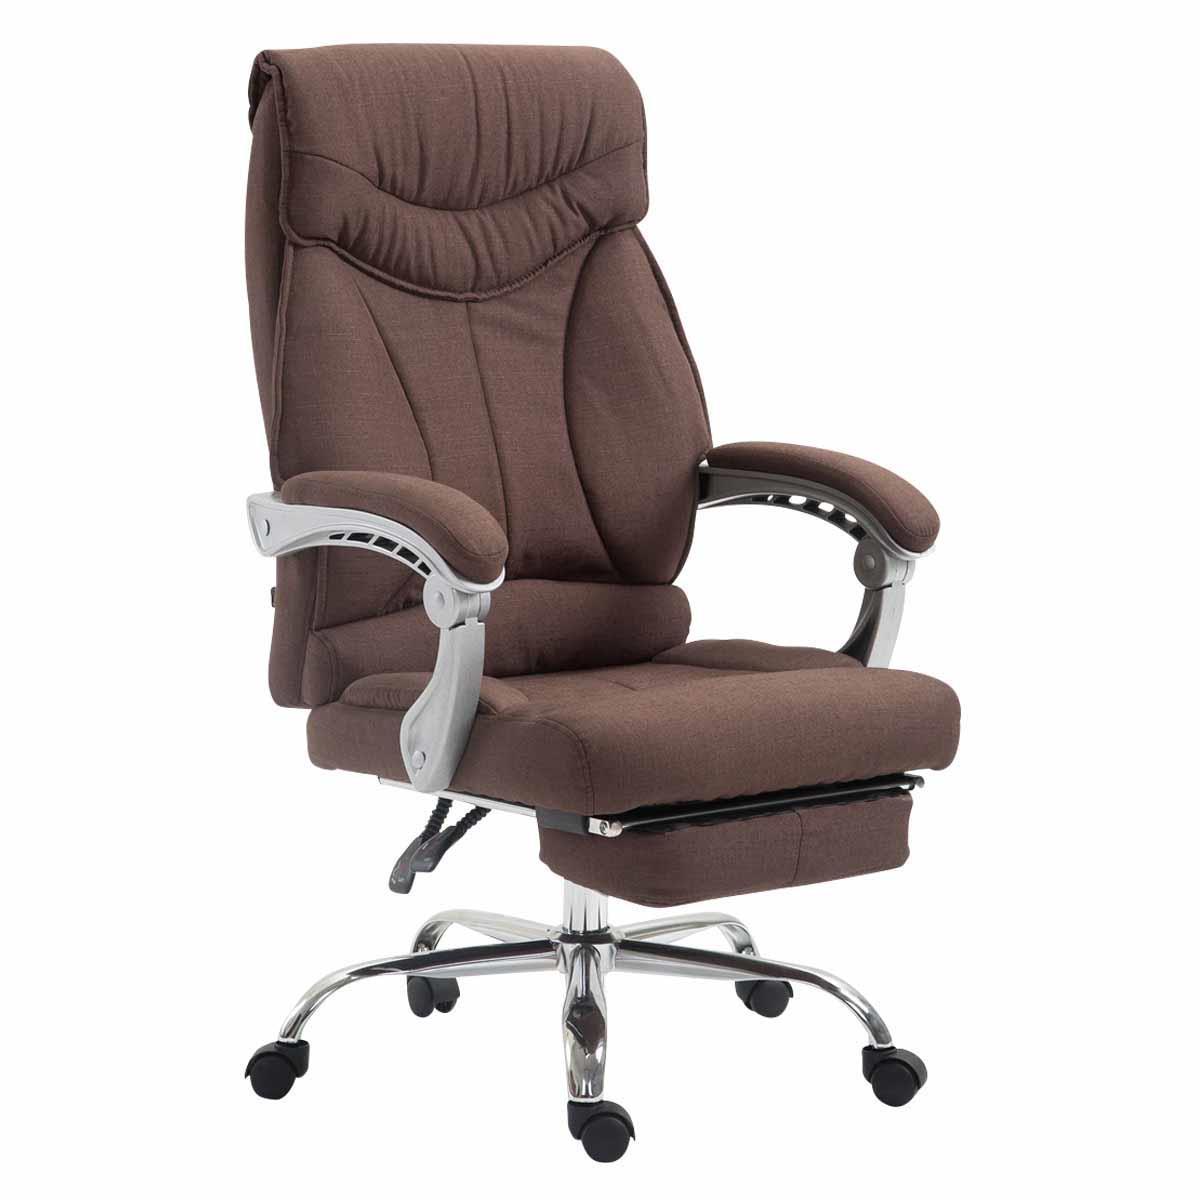 Poltrona ufficio oregon tessuto design e comfort for Poltrona ufficio design